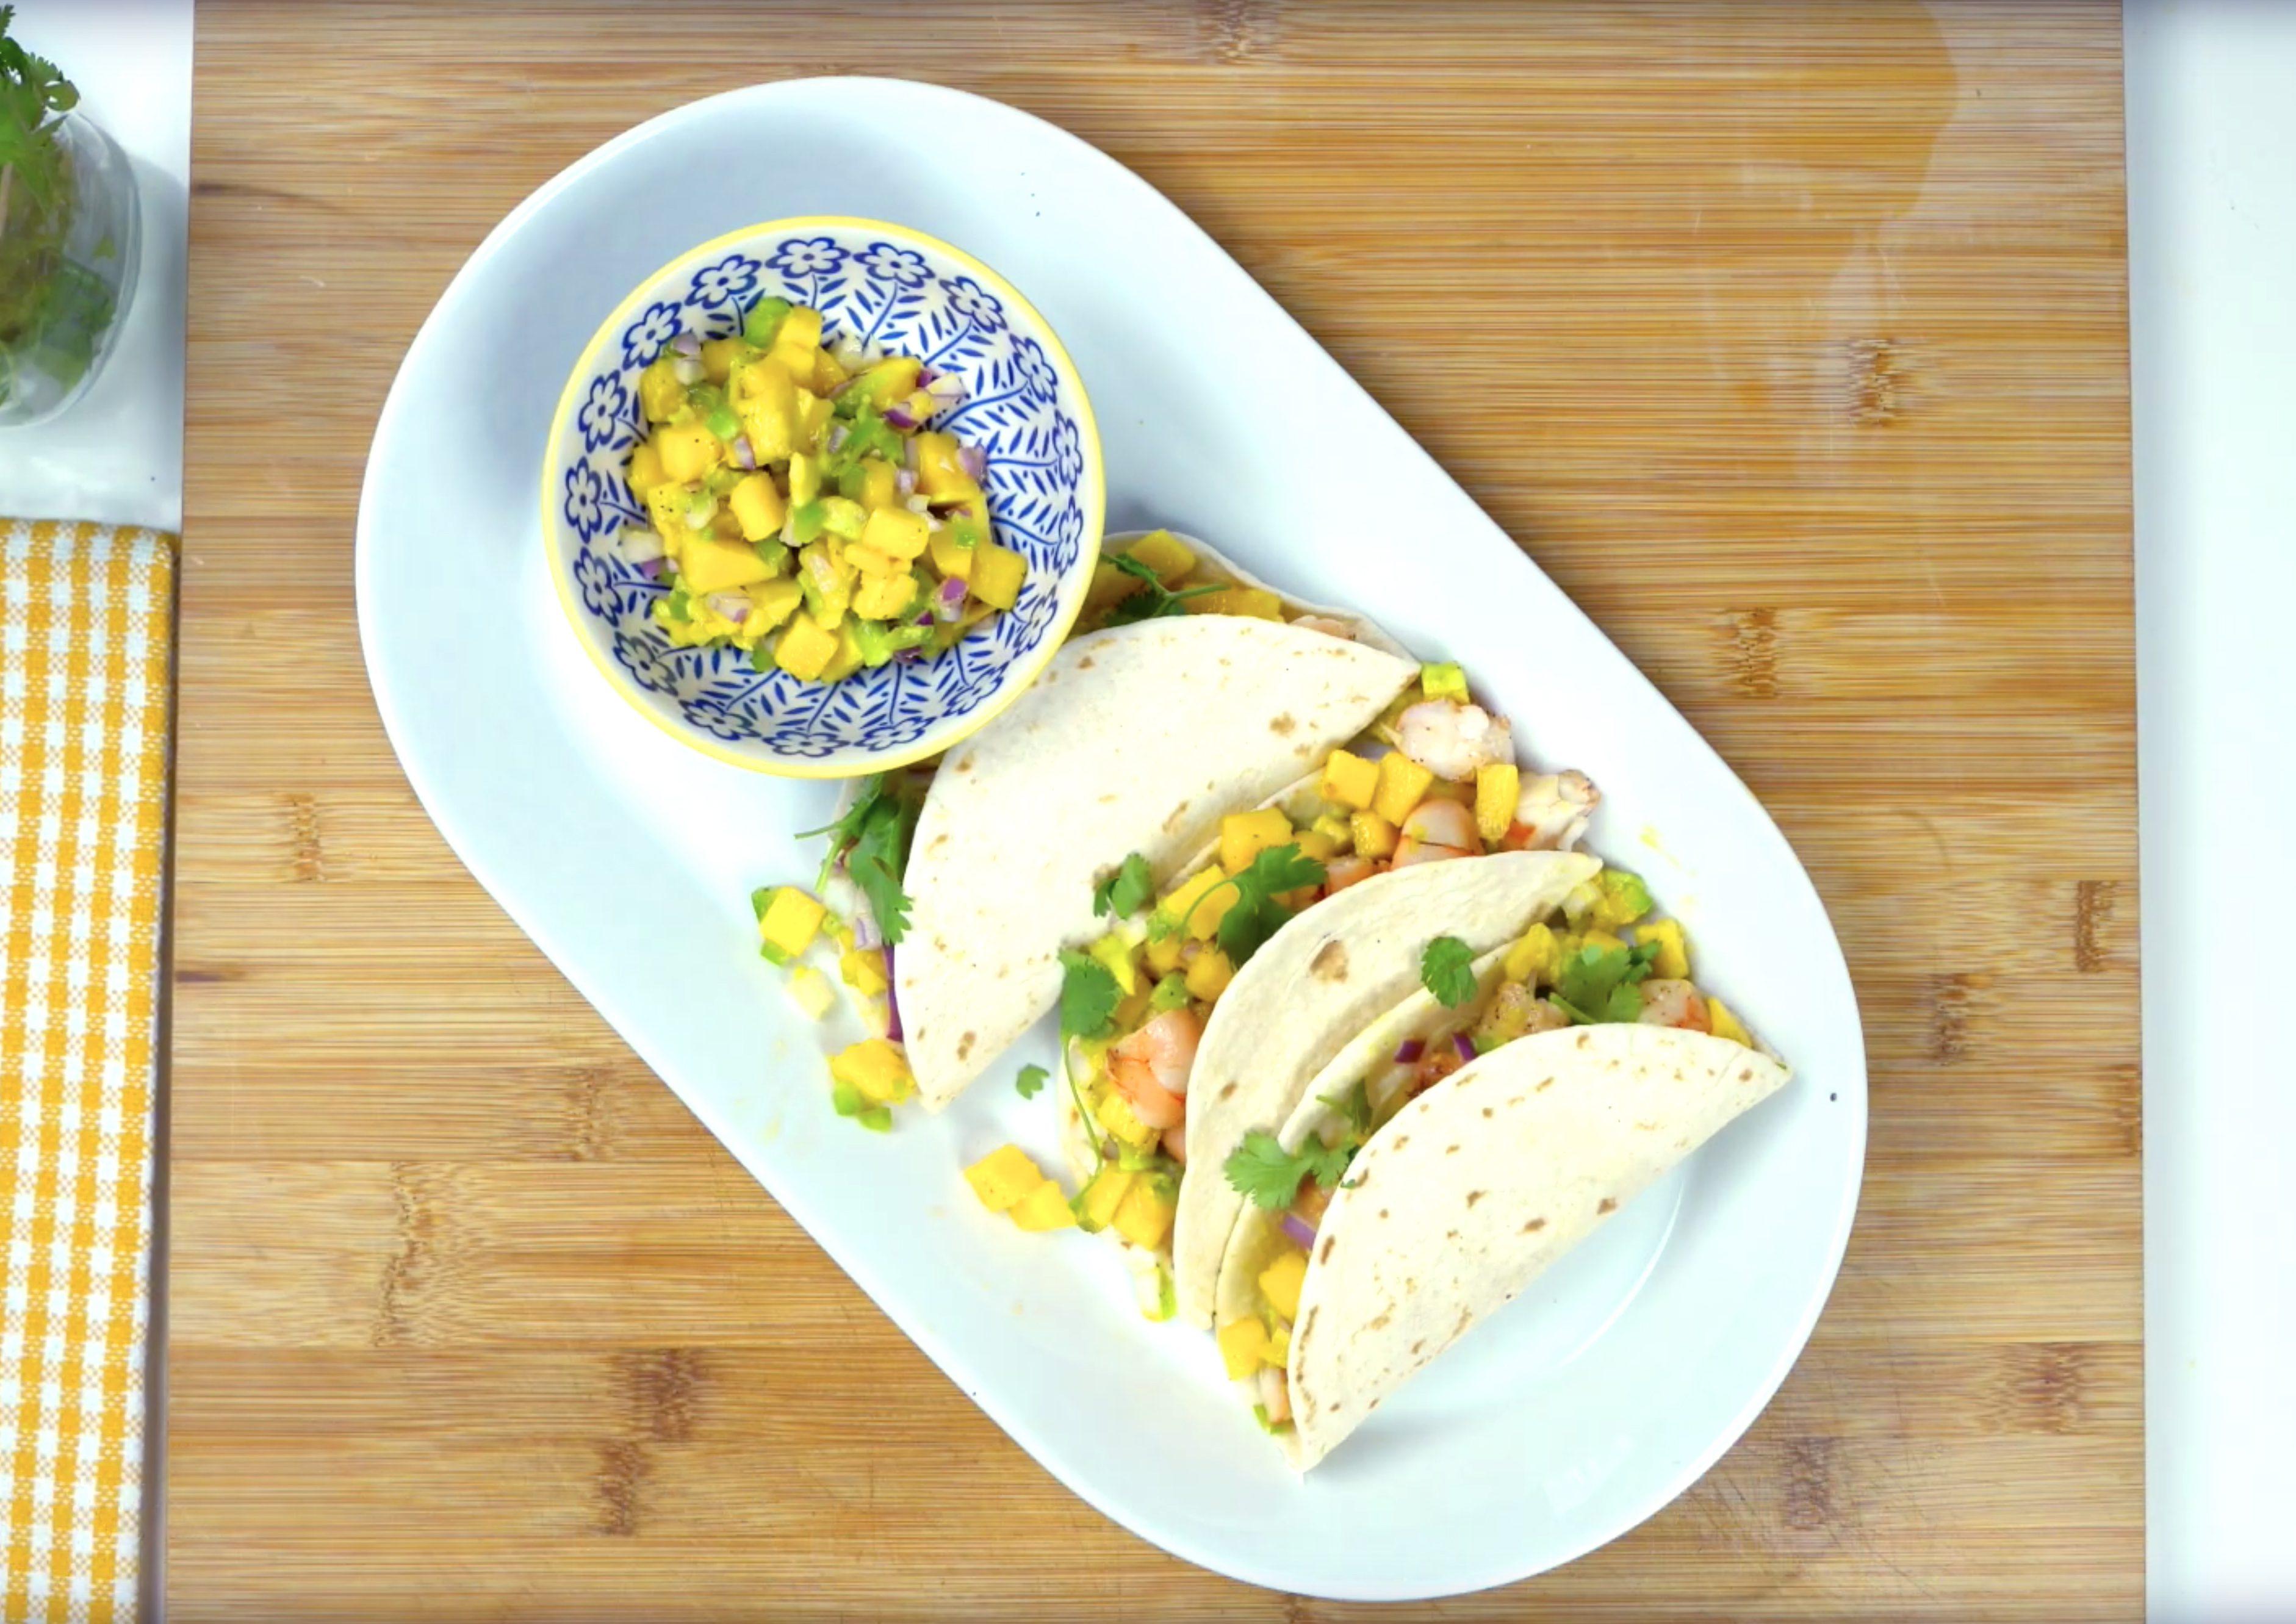 Tropical mango and shrimp taco recipe